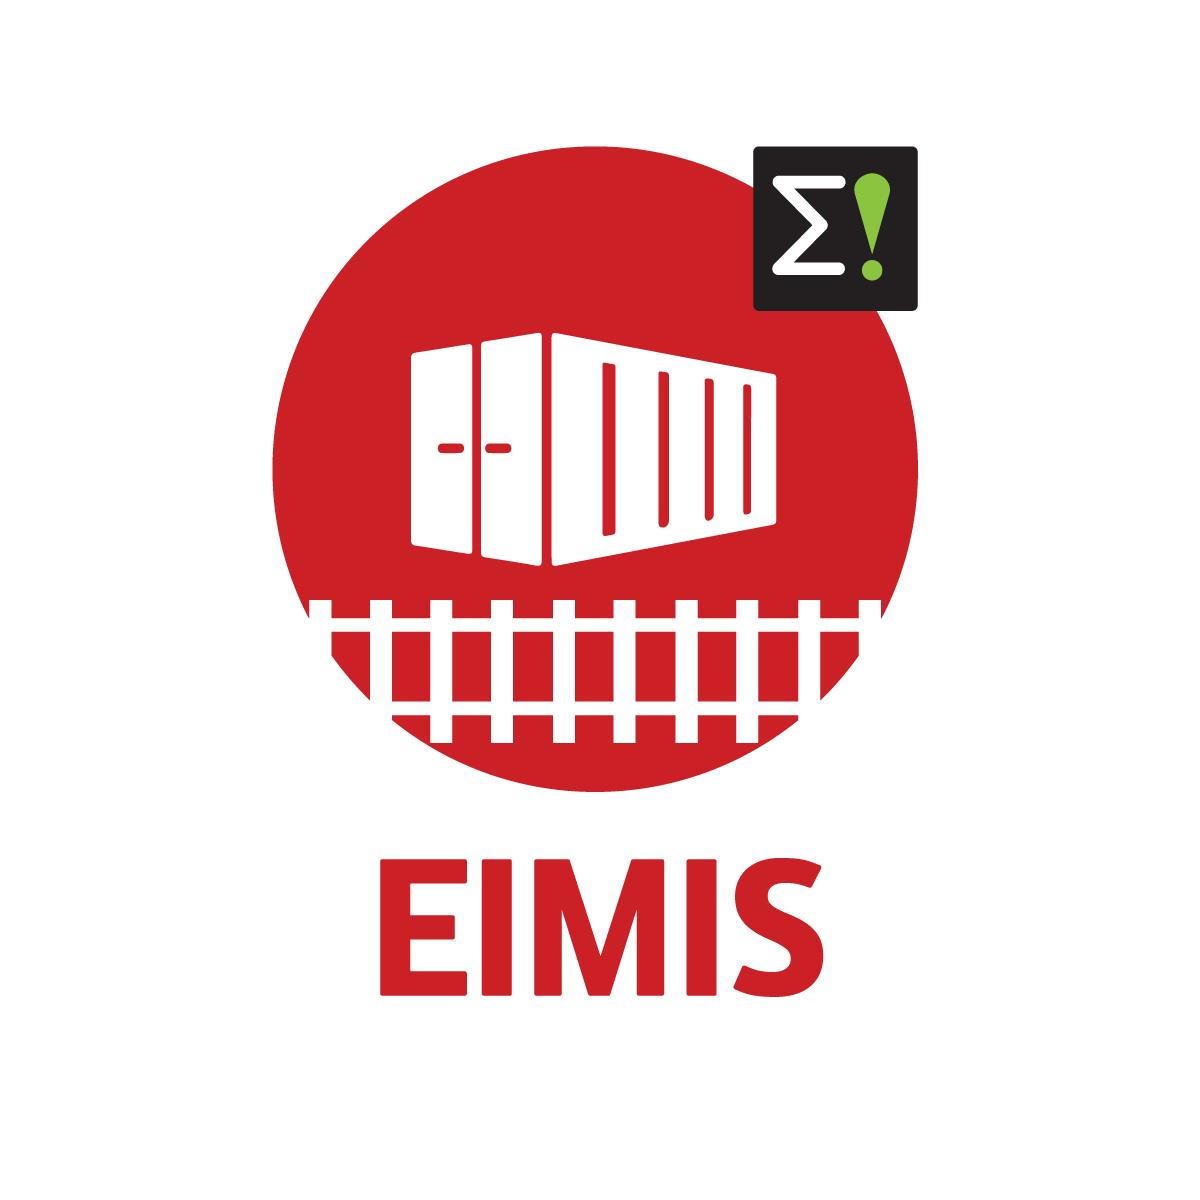 EIMIS